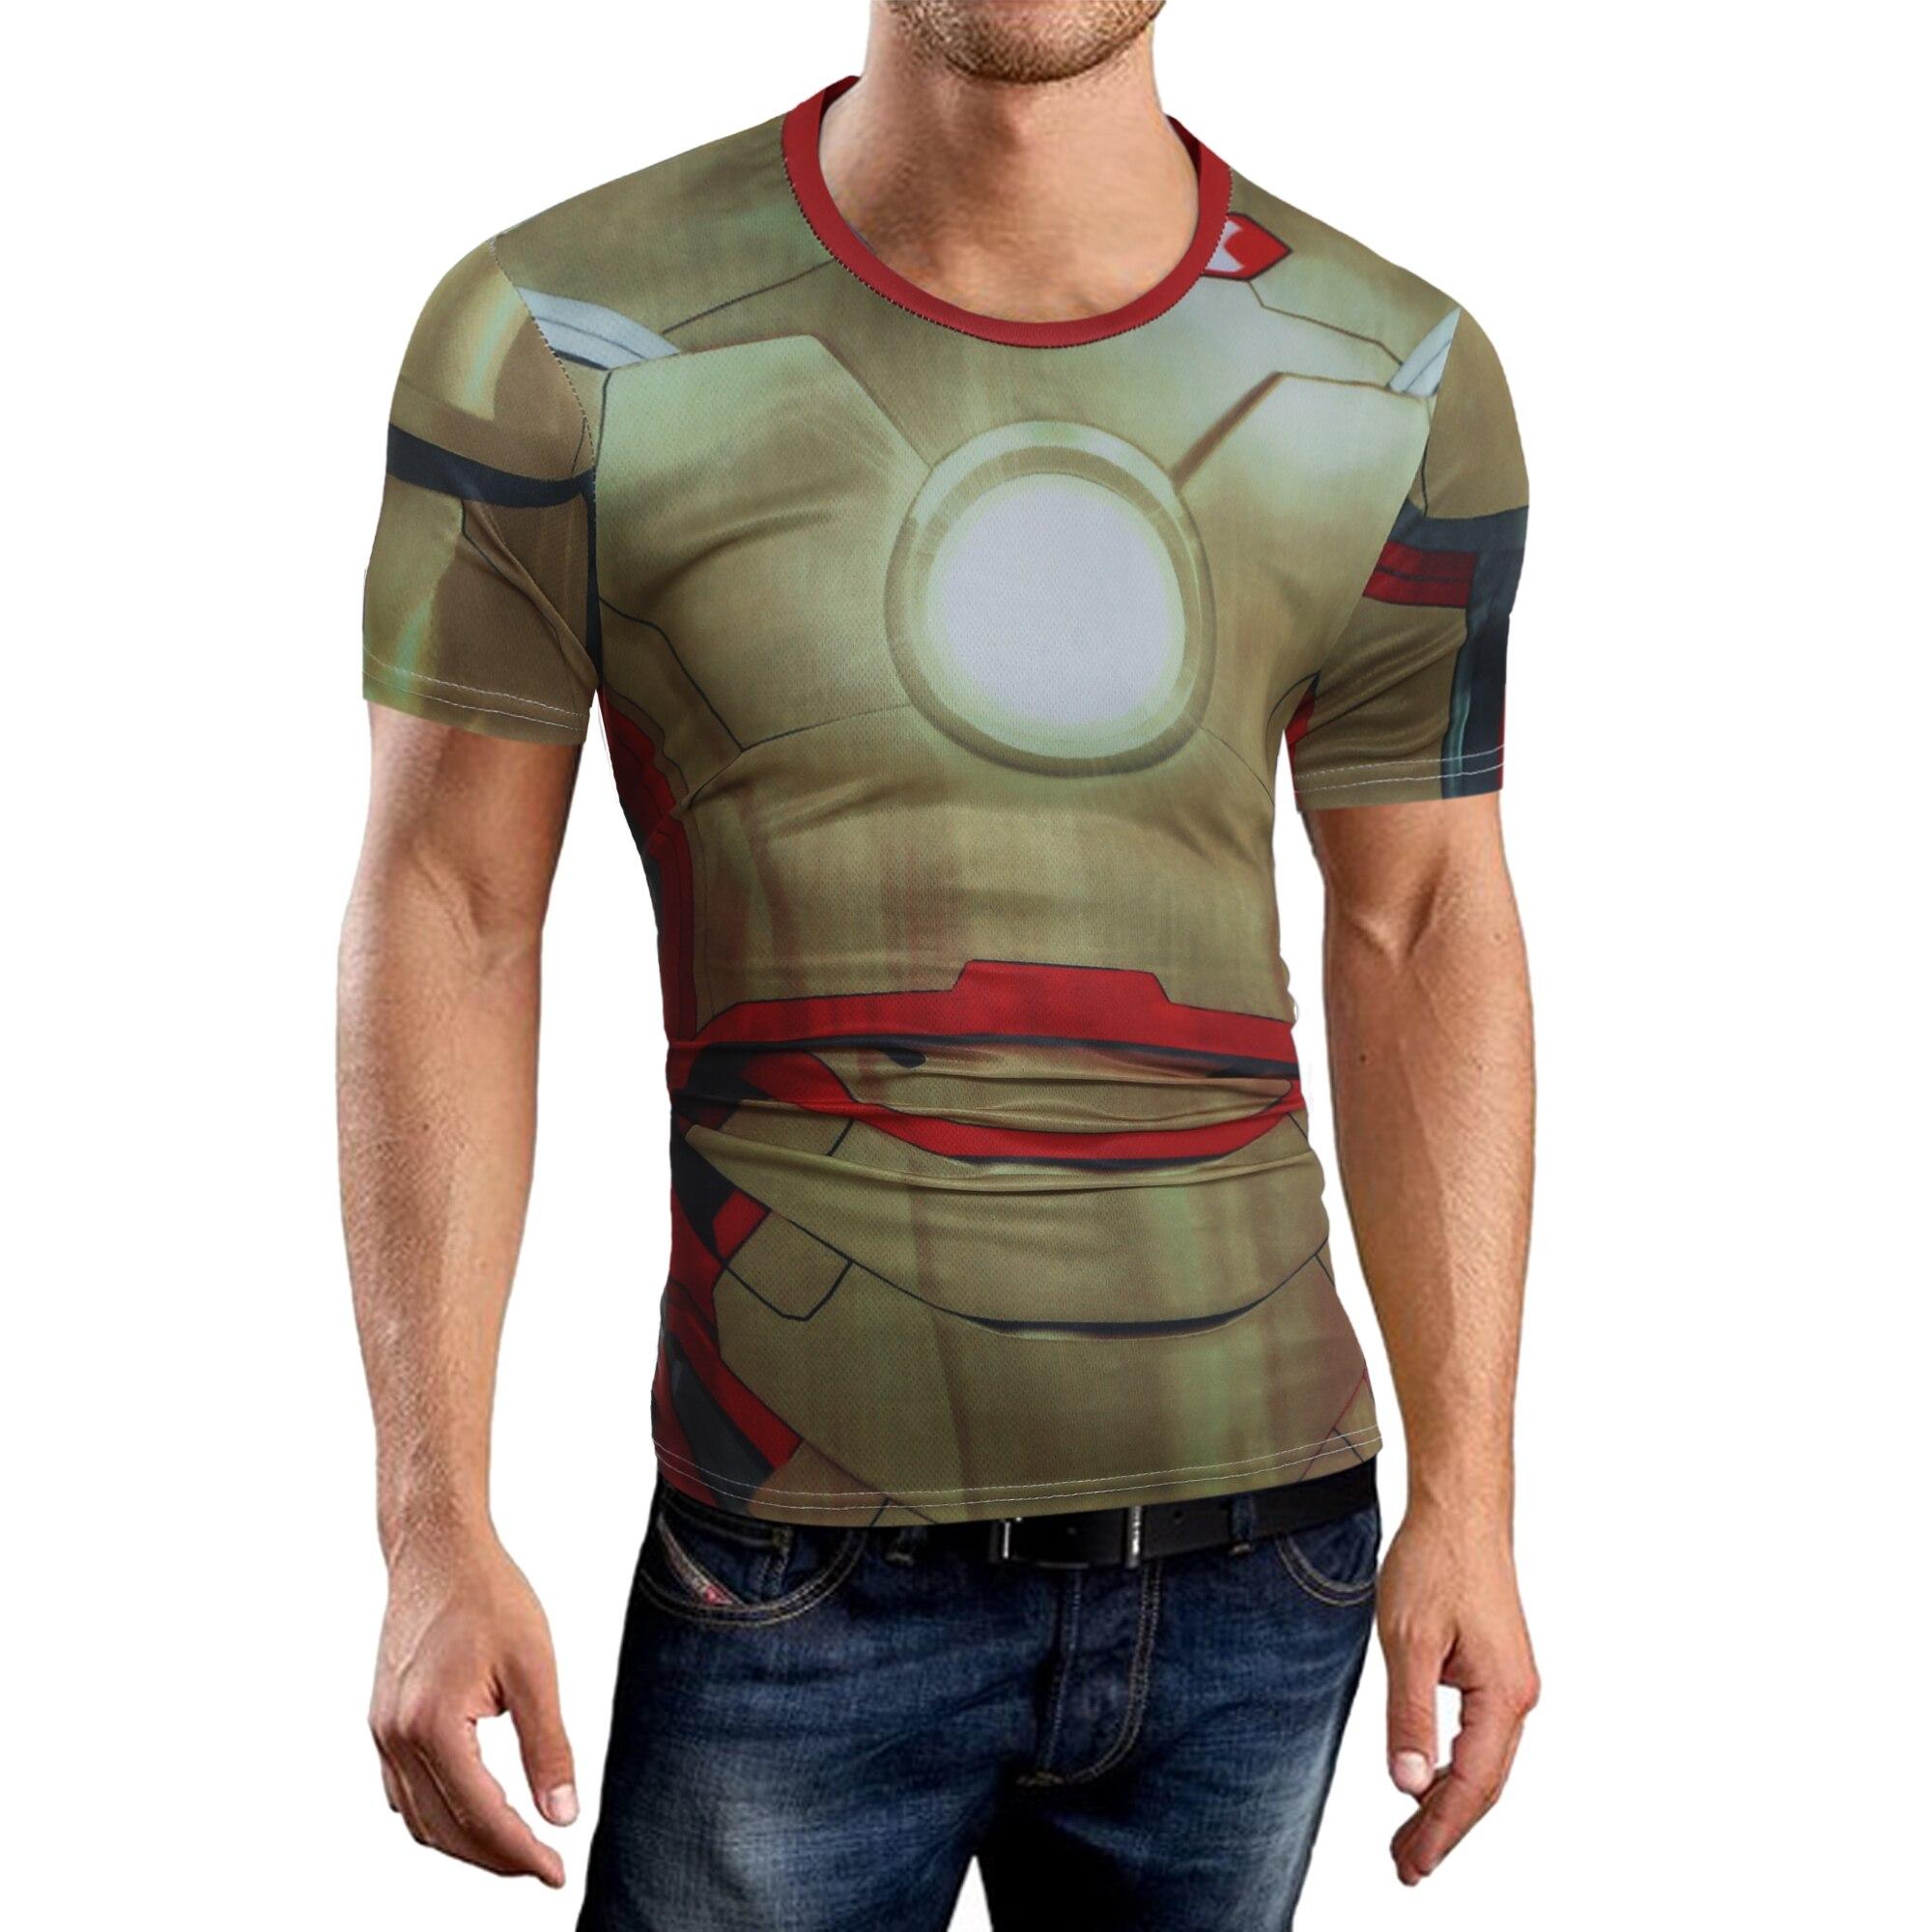 Men T-shirt 2018 Brand Short Sleeve Iron Man Prints T Shirt O-Neck Slim Men T-Shirt Tops Fashion Mens Tee Shirt T Shirts XXL QWR